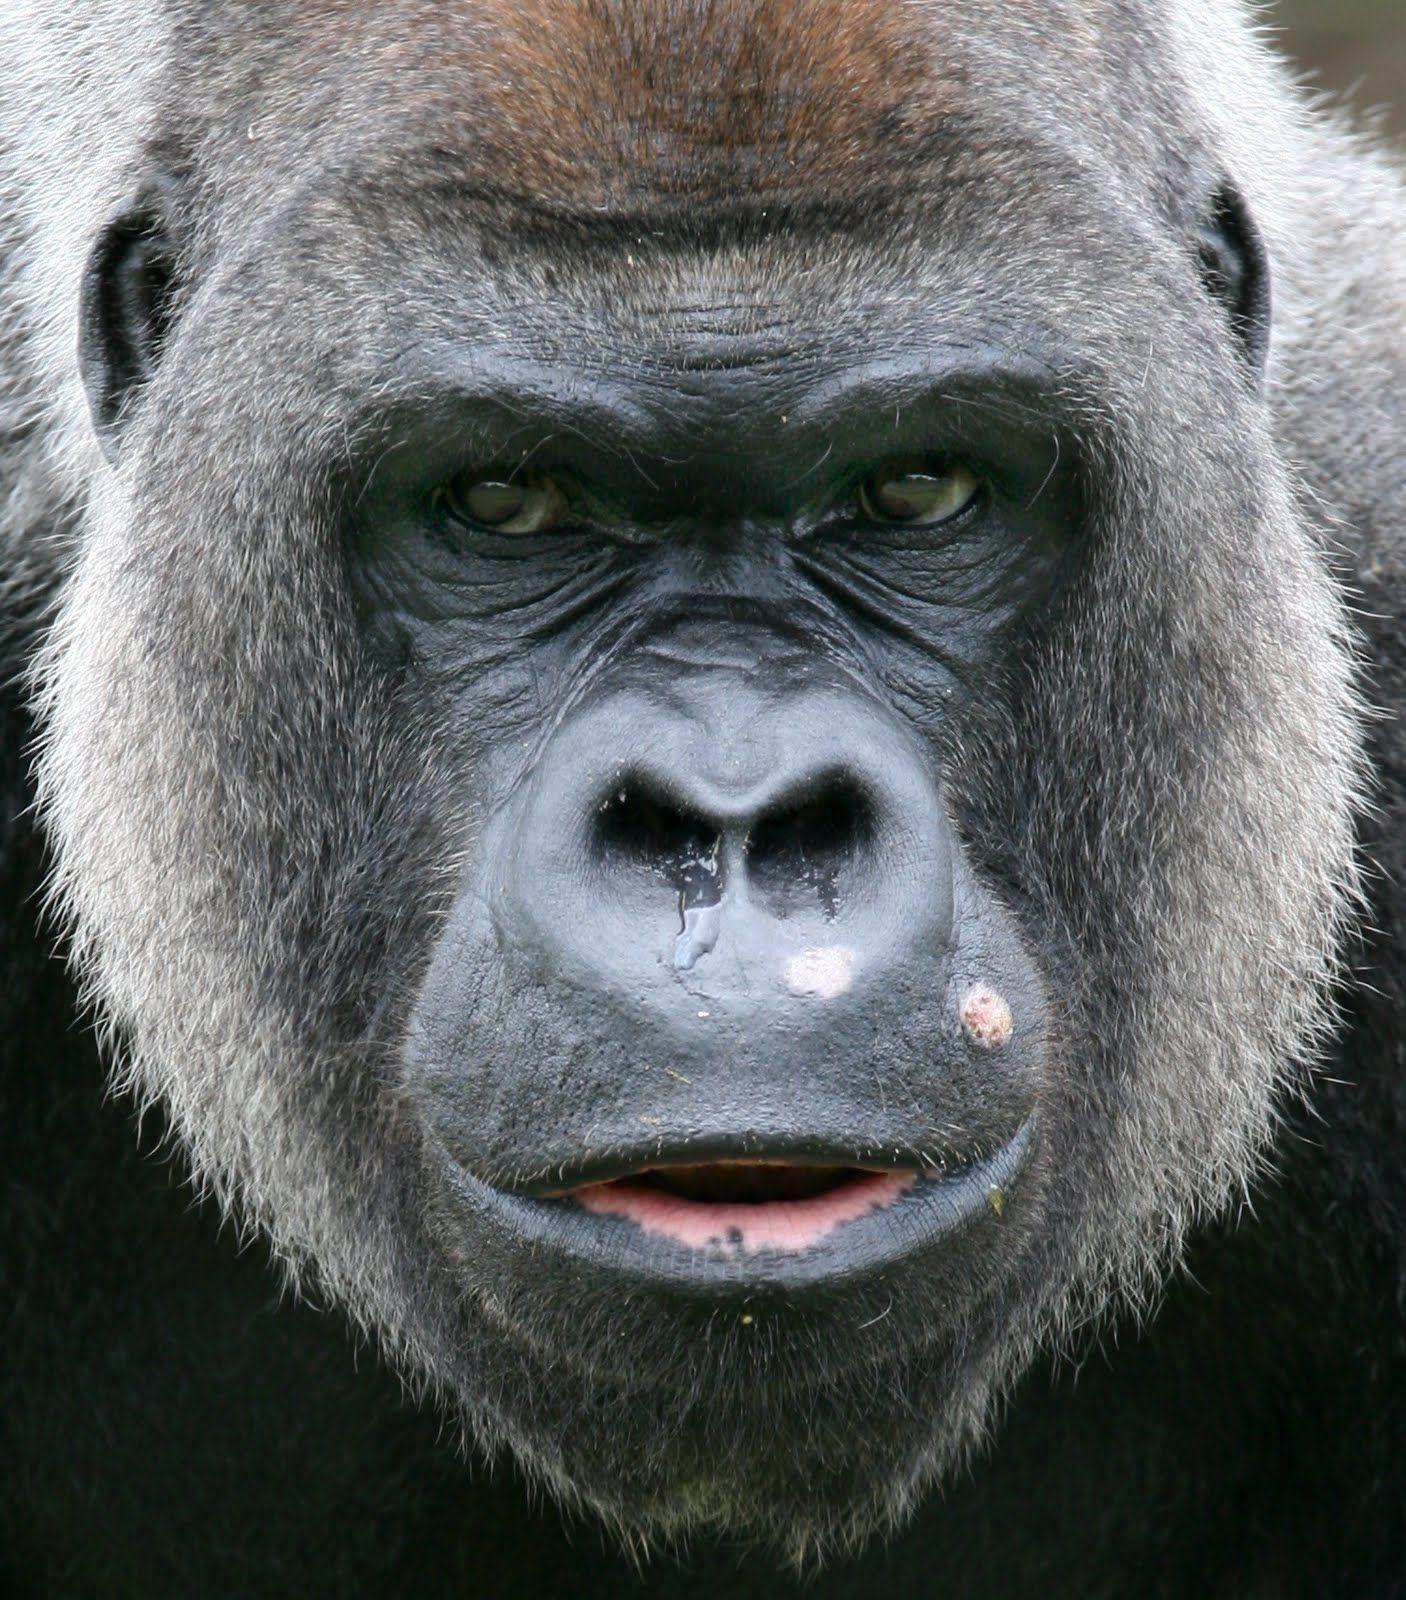 Смотреть картинки лица животных